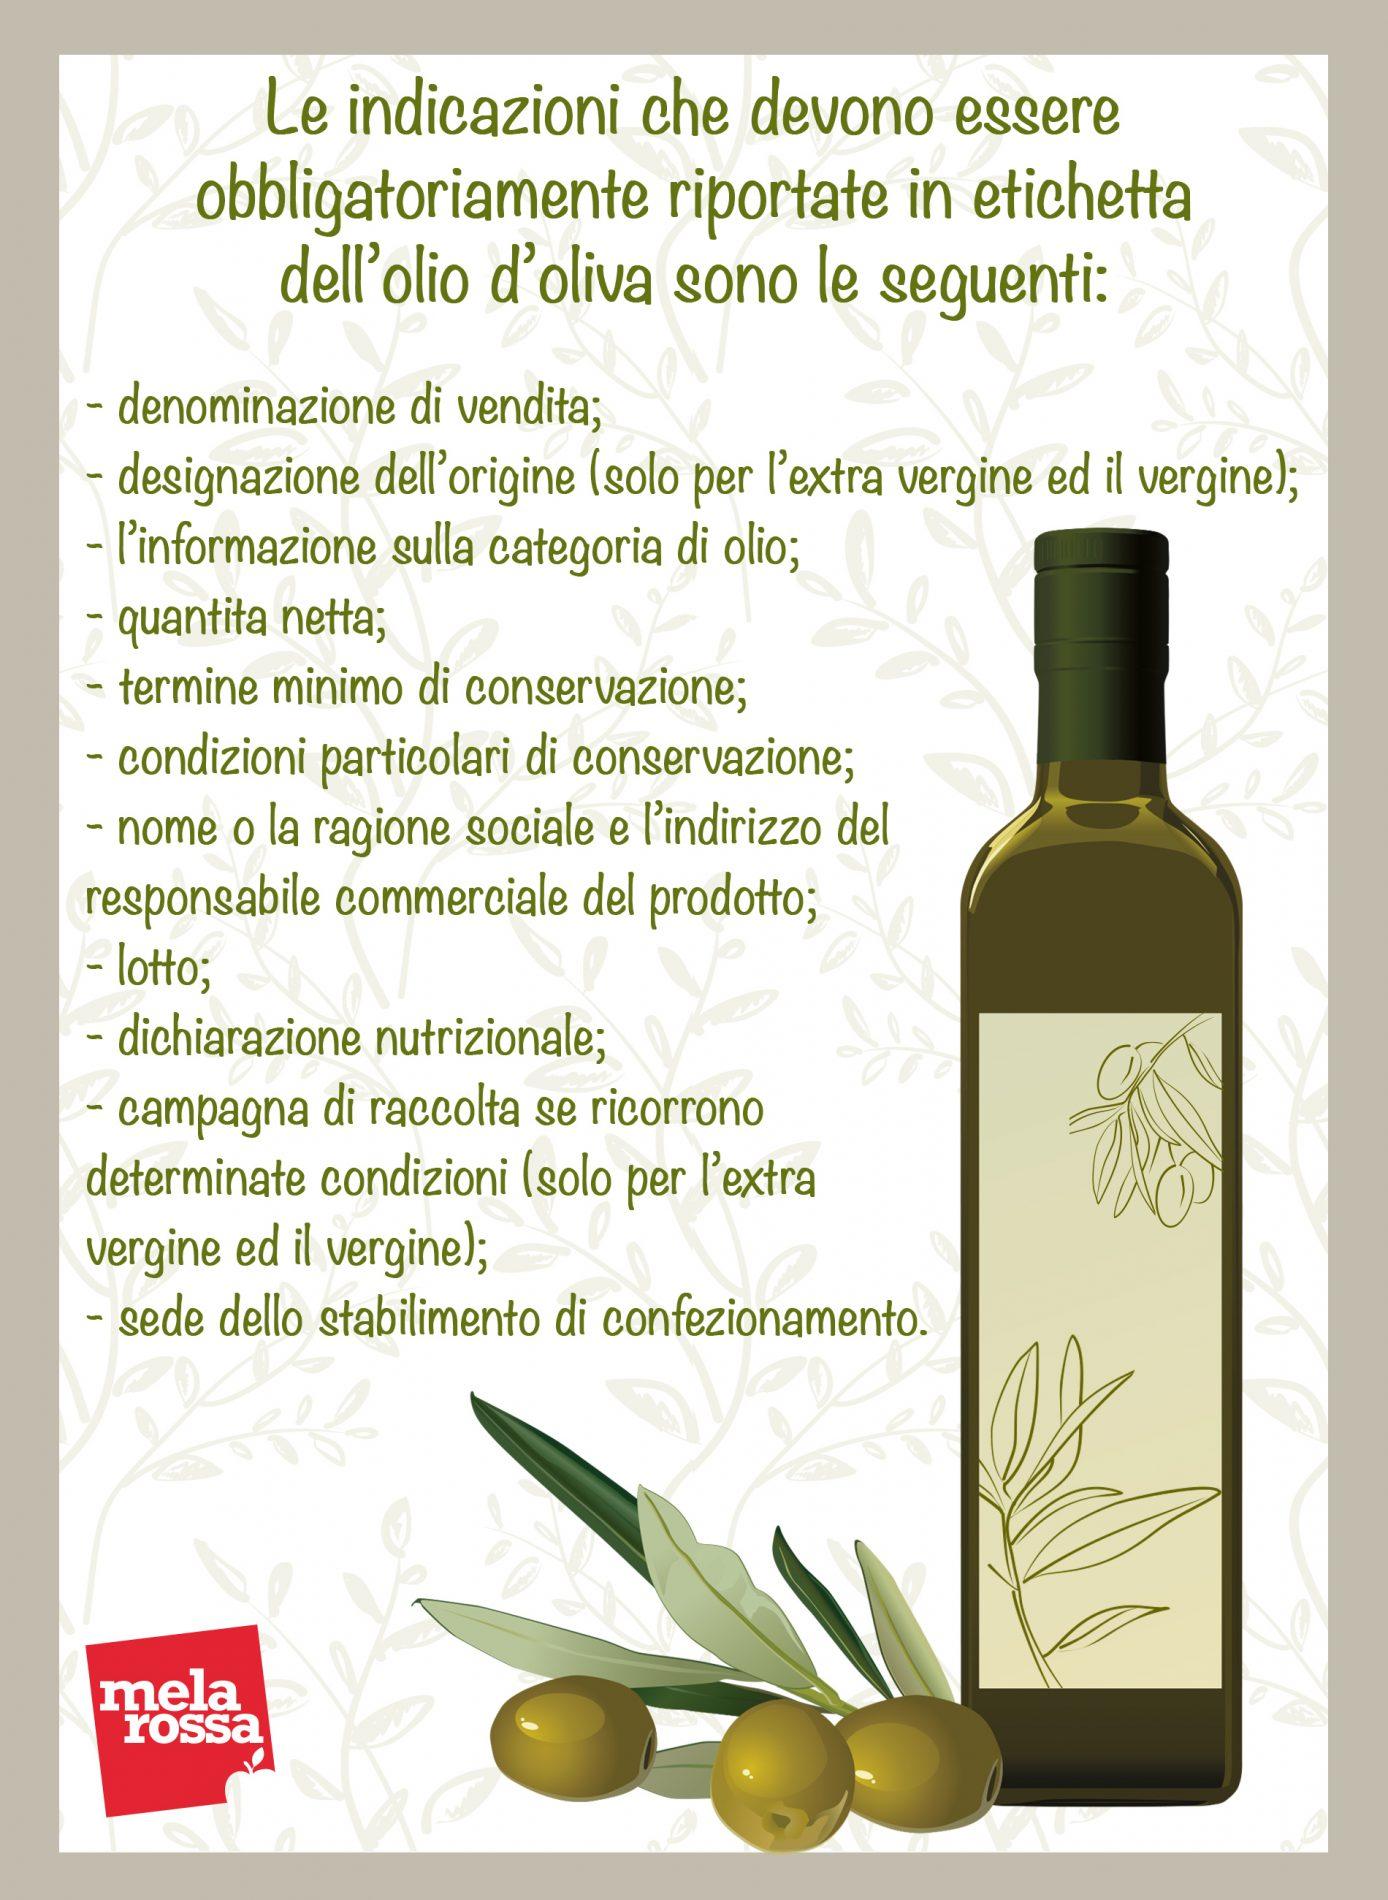 olio d'oliva: etichettatura